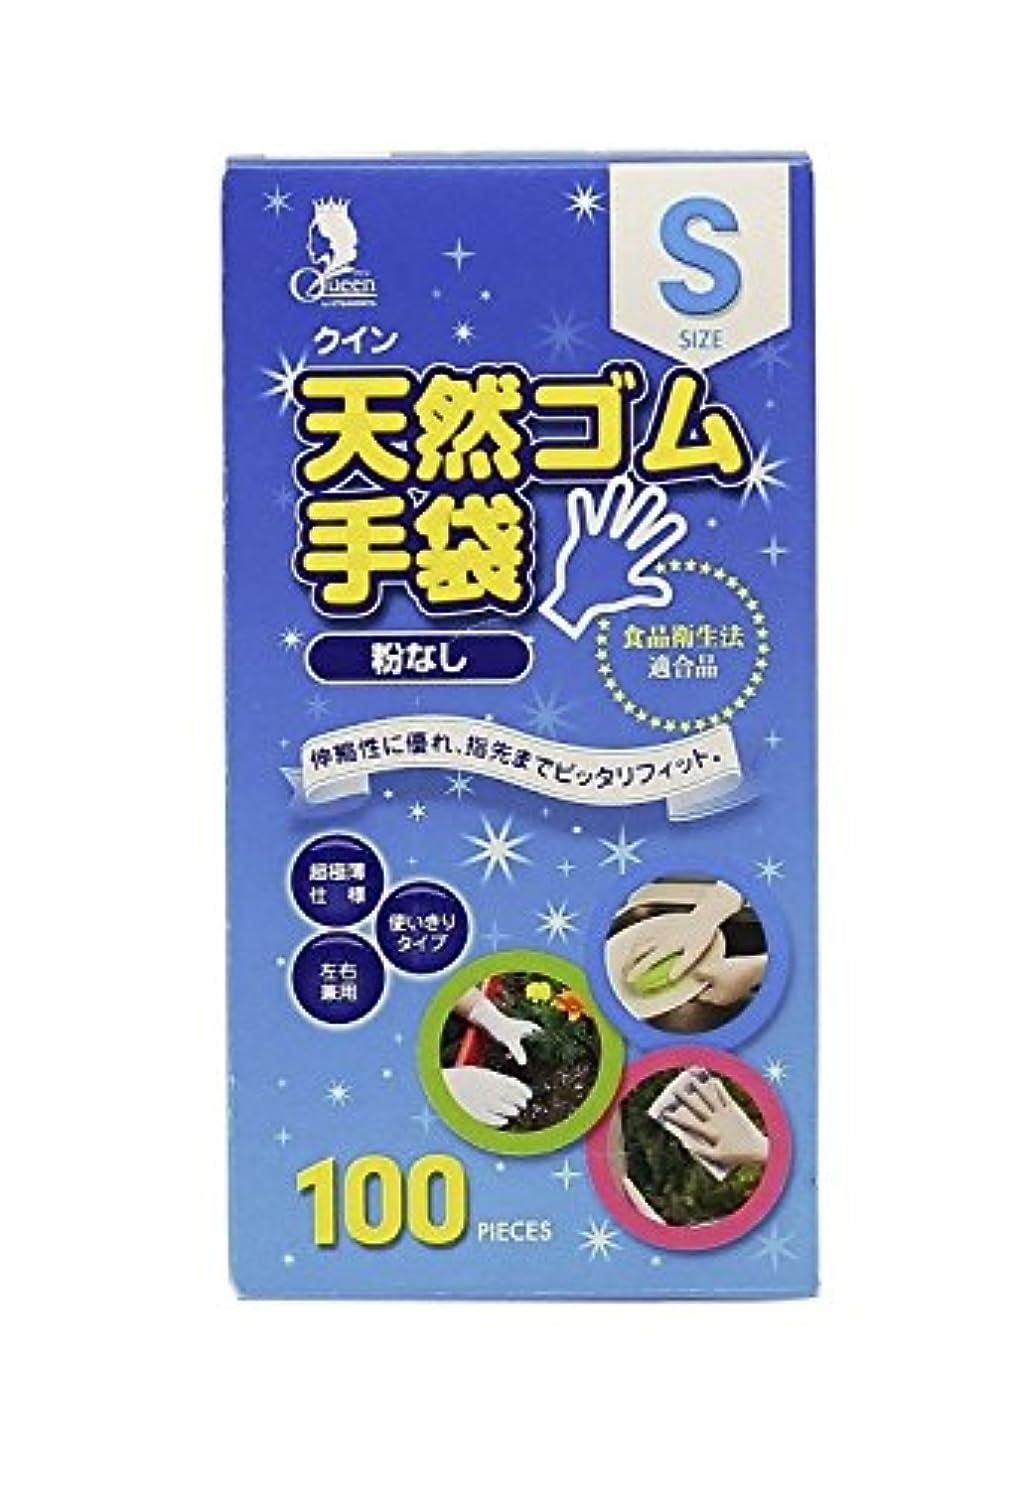 ハントふくろう奇妙な(食品衛生法適合品)クイン天然ゴム手袋ナチュラル Sサイズ 100枚入